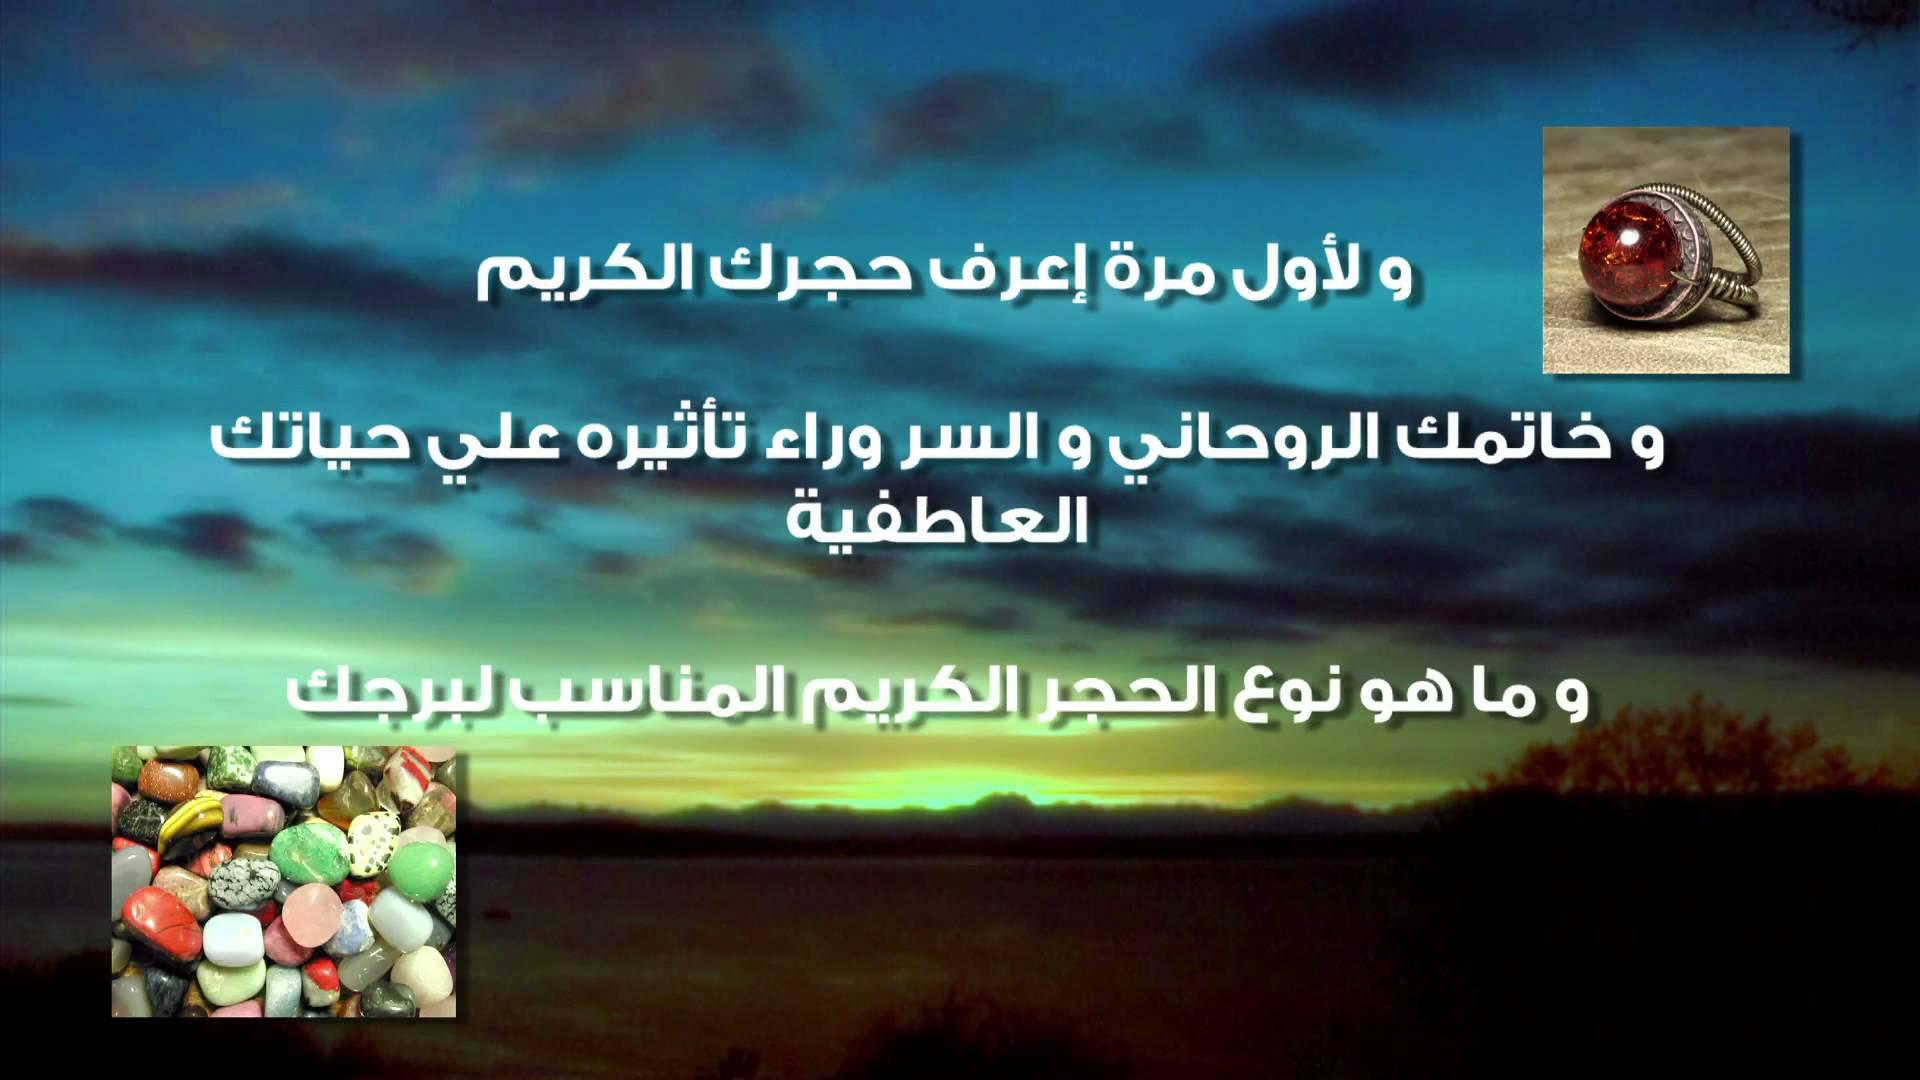 صور الشيخ الروحاني محمود العطار